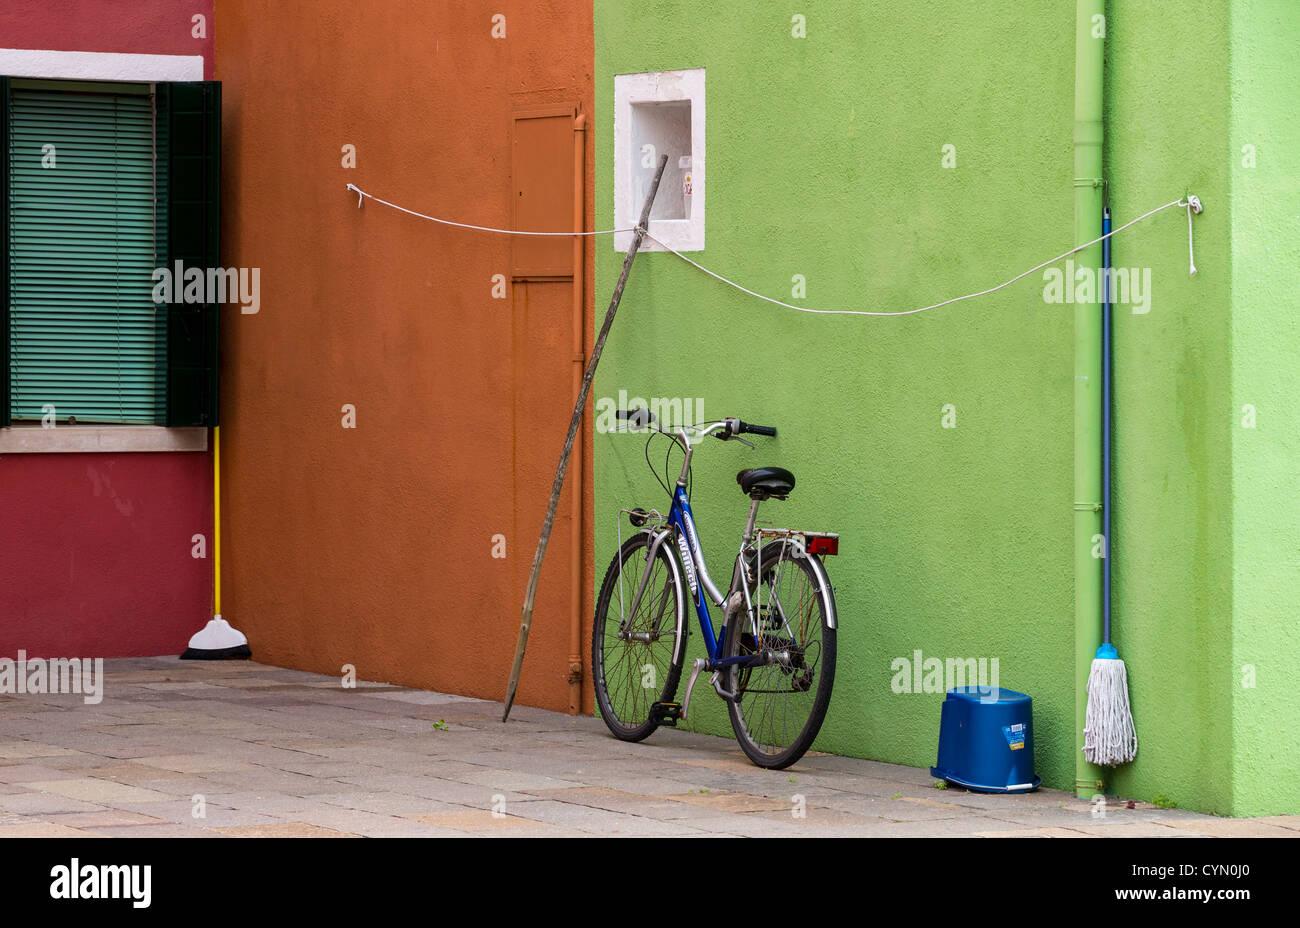 Un contraste de couleurs typiques de Venise, Burano, avec un vélo et ...